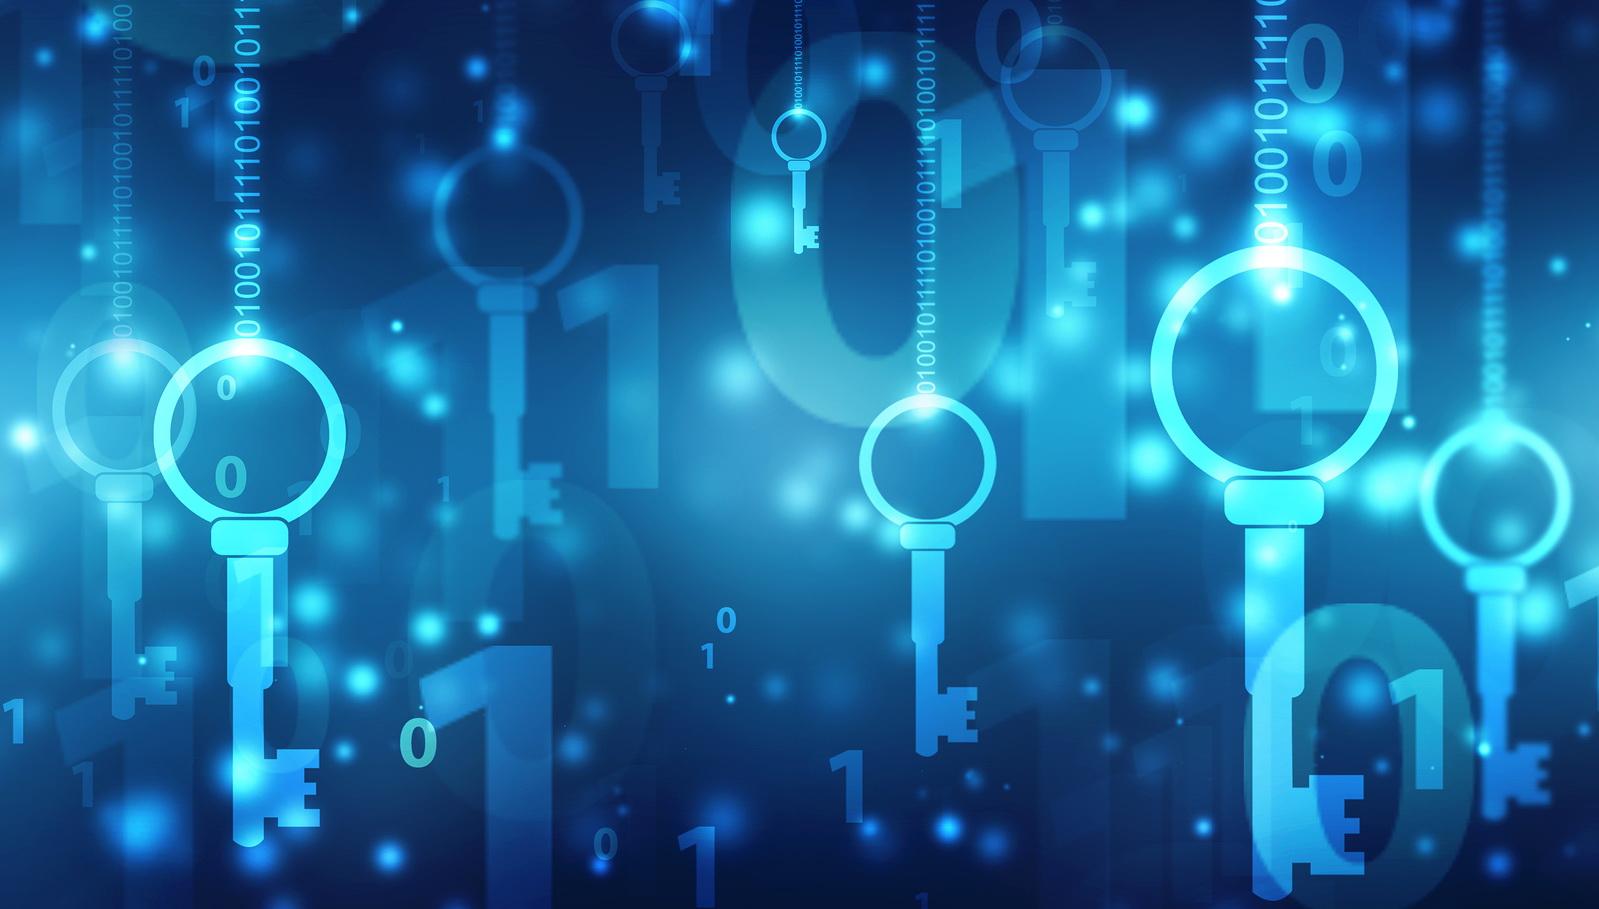 Операторы малвари Avaddon опубликовали ключи для дешифровки данных